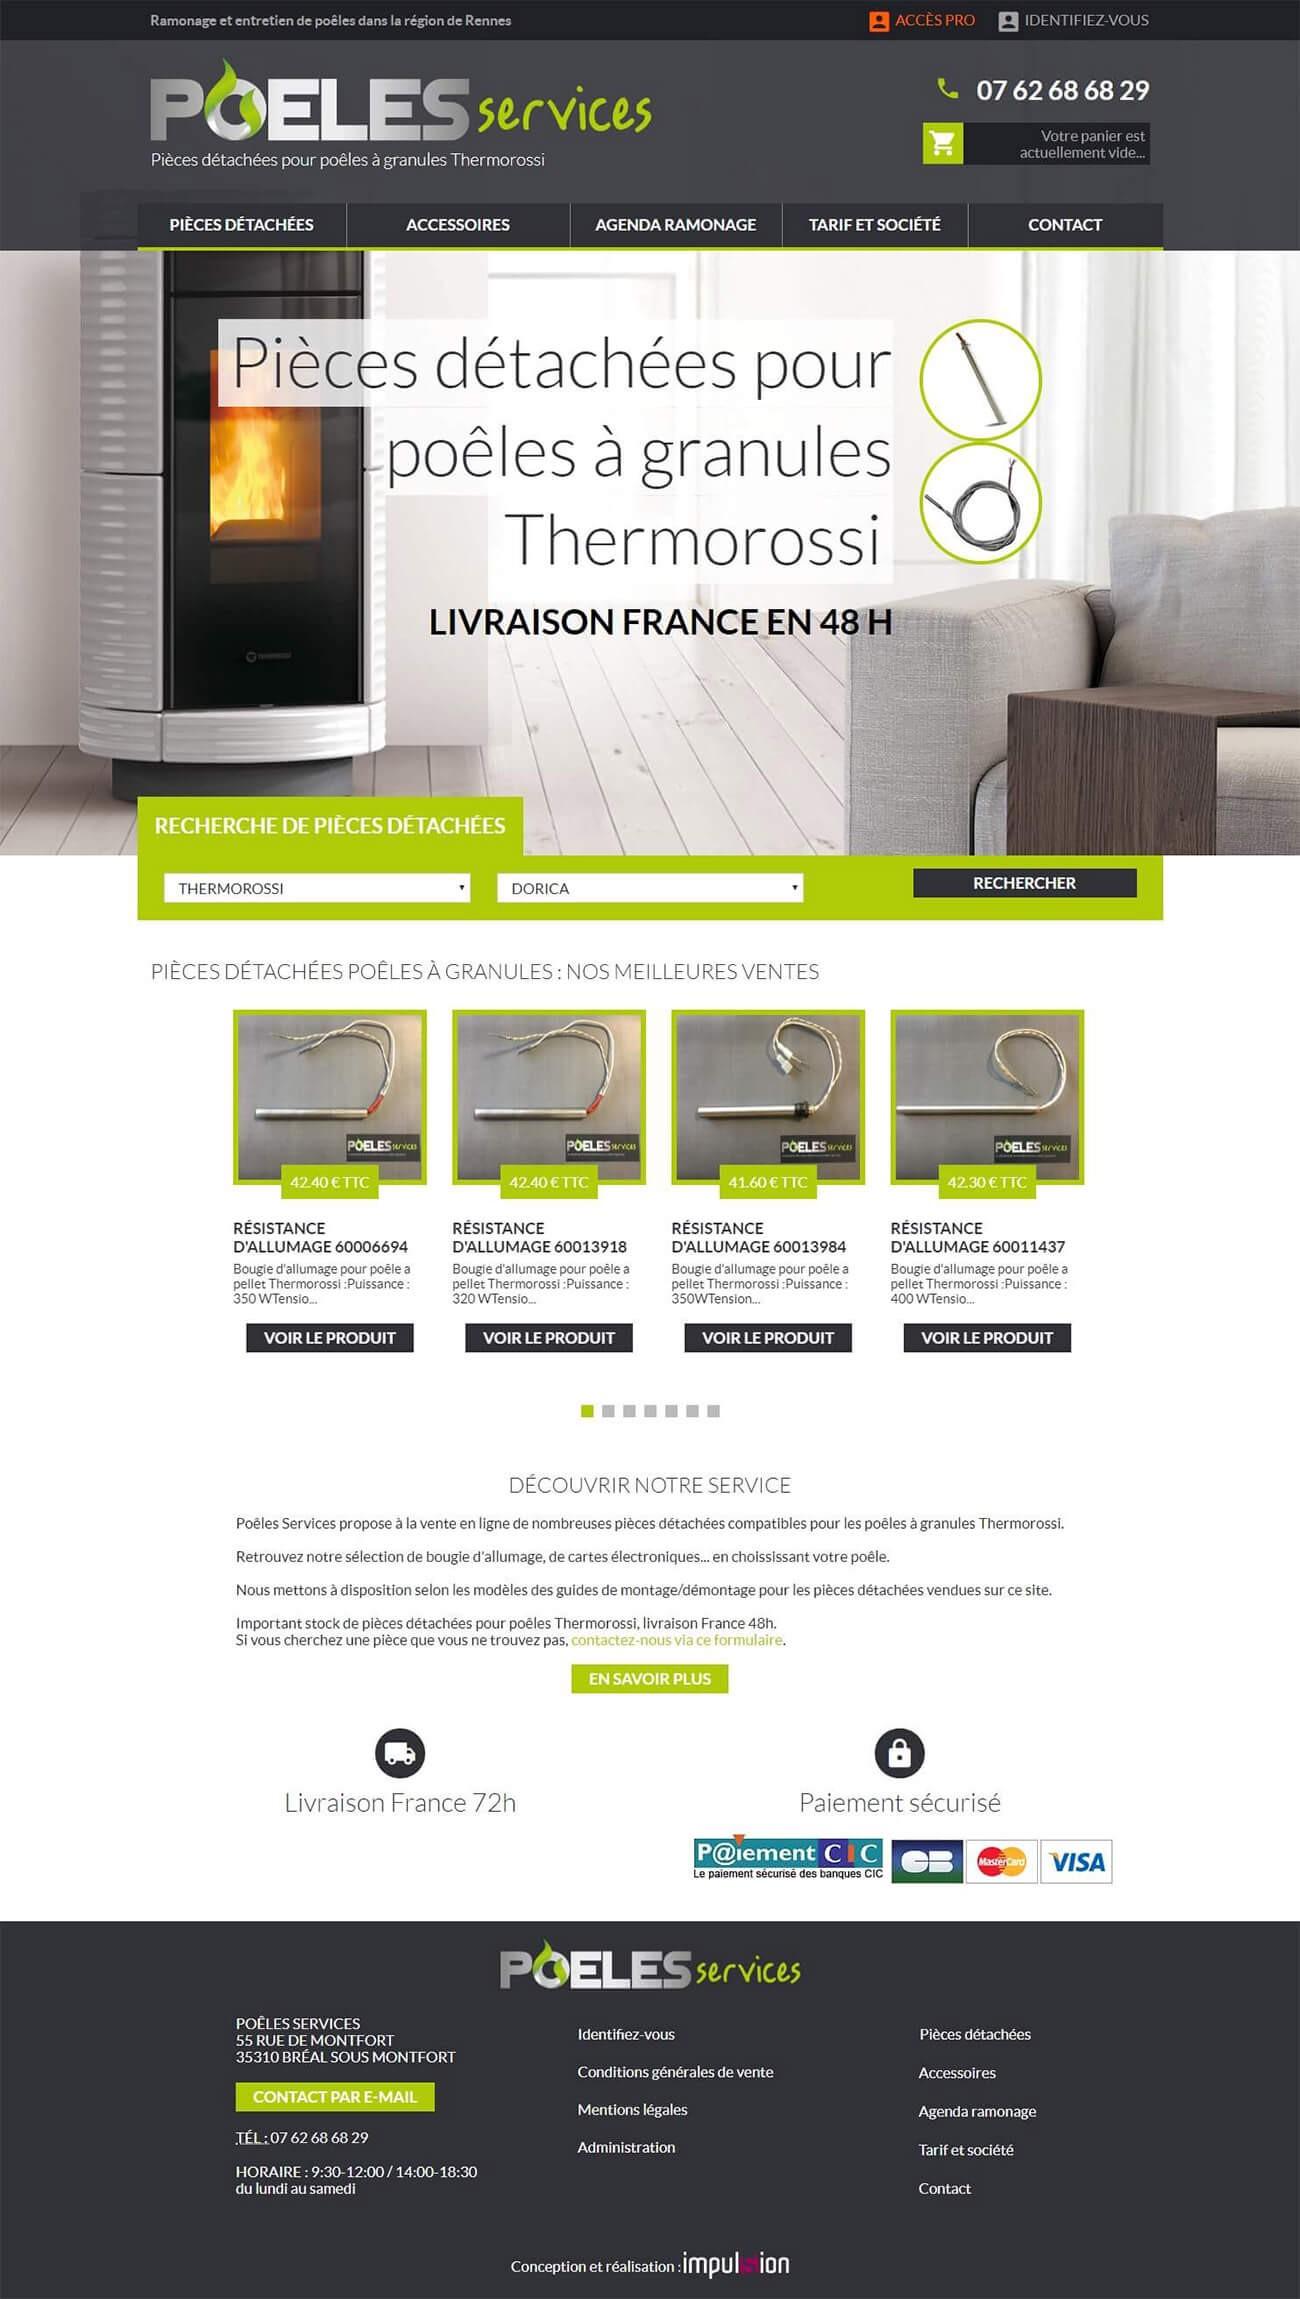 poeles-services-Catalogue-et-vente-de-pièces-détachées-pour-poêles-Thermorossi.jpg